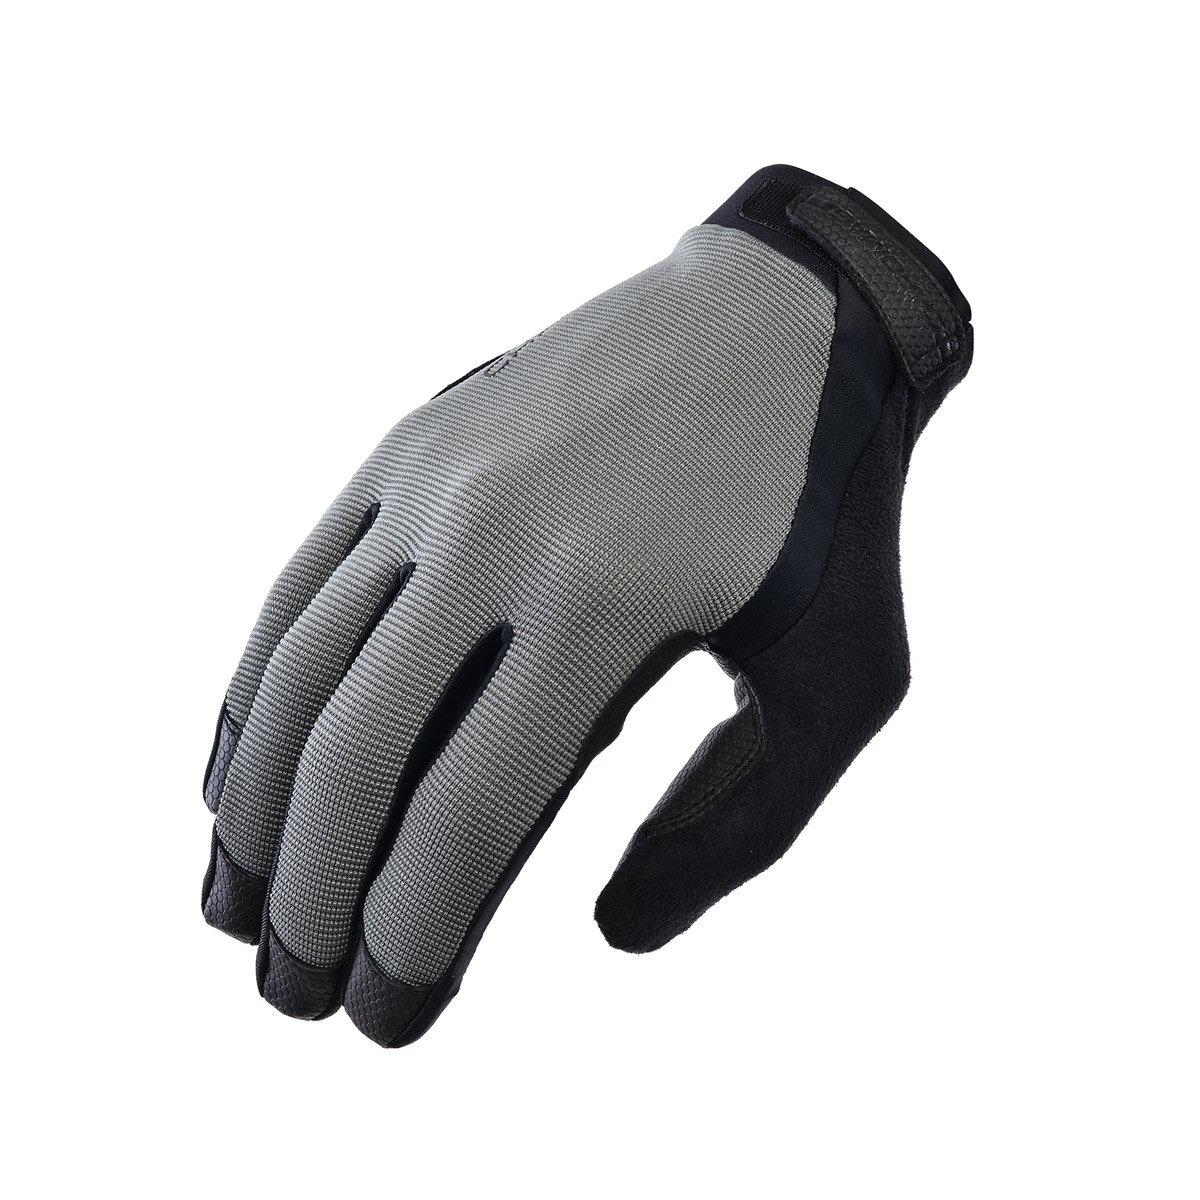 Chromag Chromag Tact Glove